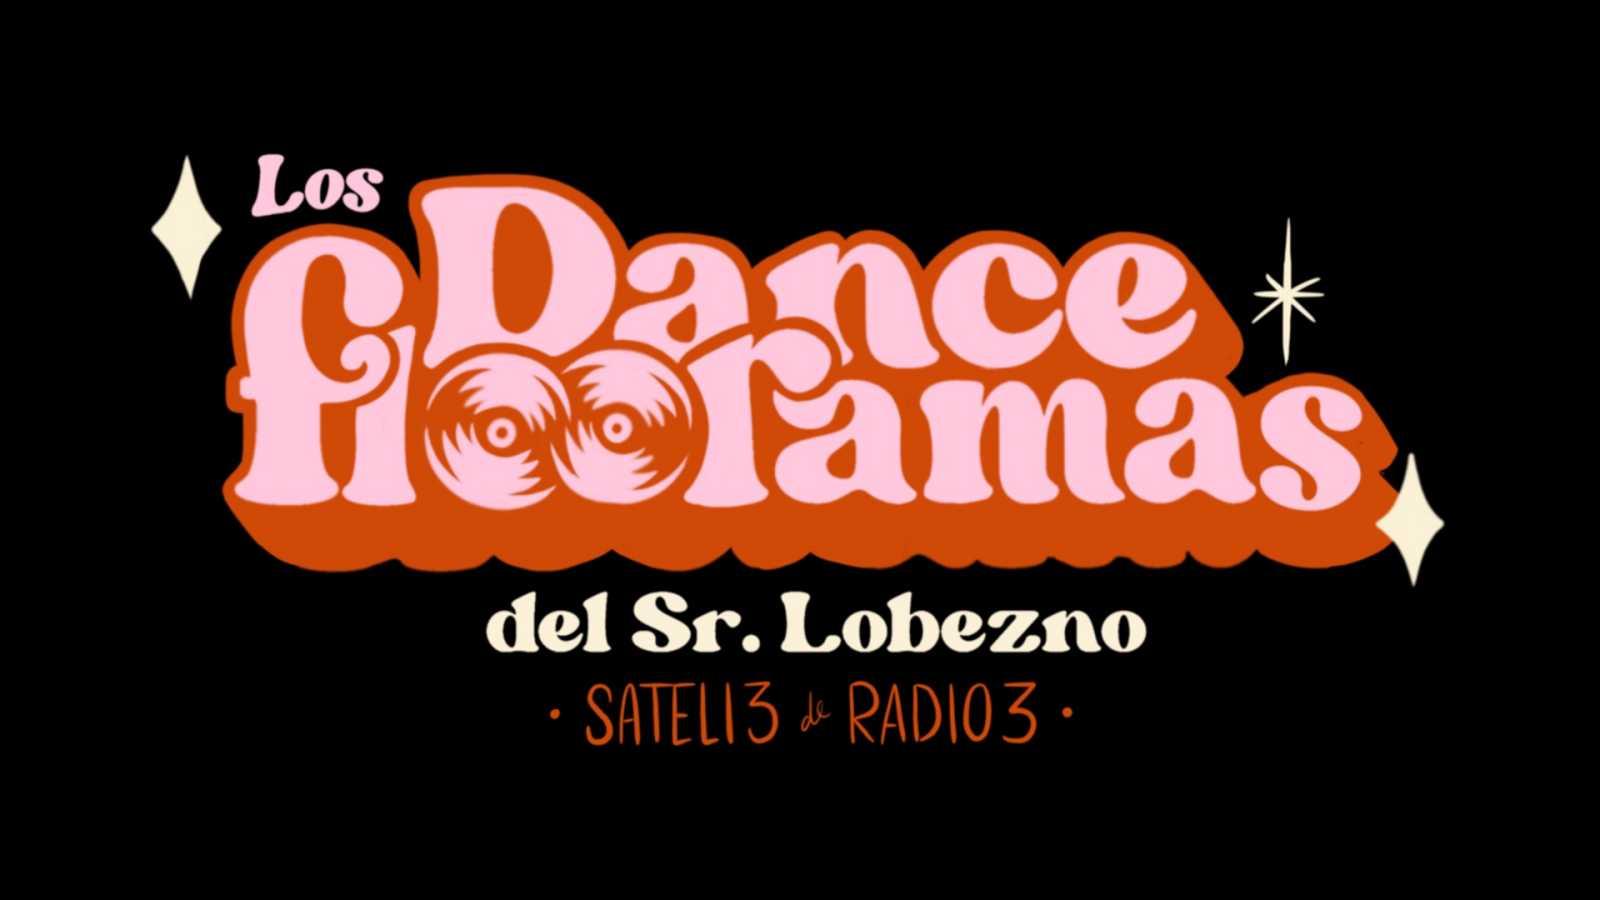 Sateli 3 - Los danceflooramas del Sr. Lobezno - 30/04/21 - escuchar  ahora